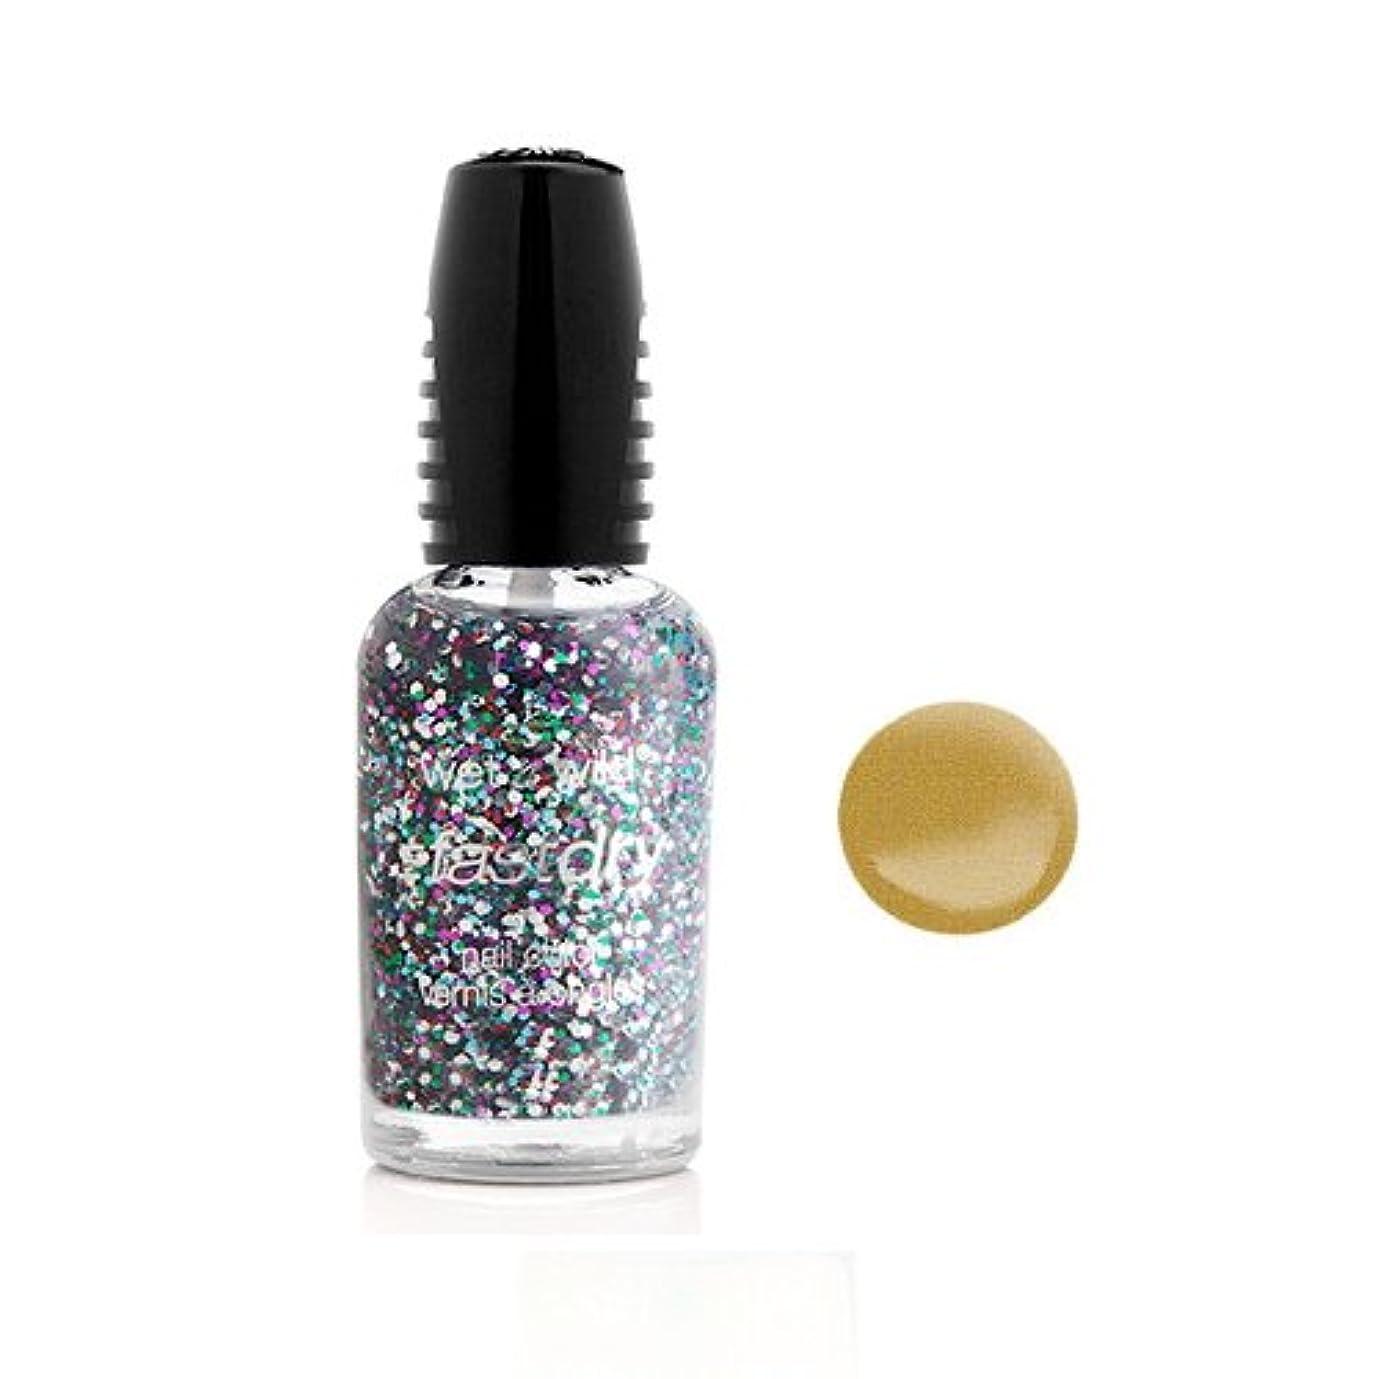 バナナ残酷なのれん(6 Pack) WET N WILD Fastdry Nail Color - The Gold & the Beautiful (DC) (並行輸入品)